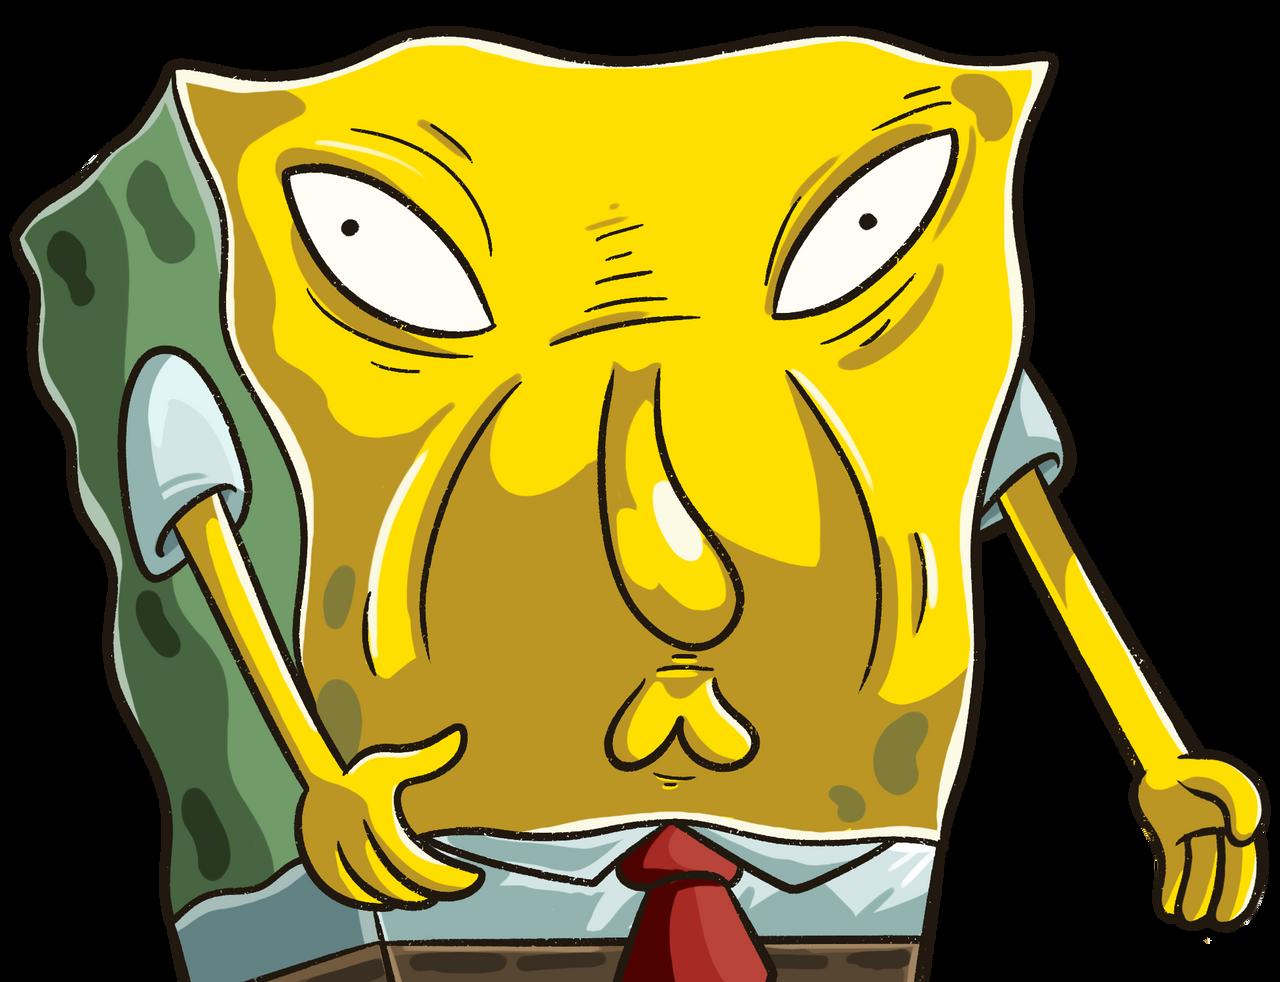 Spongebob - Too Much Sauce